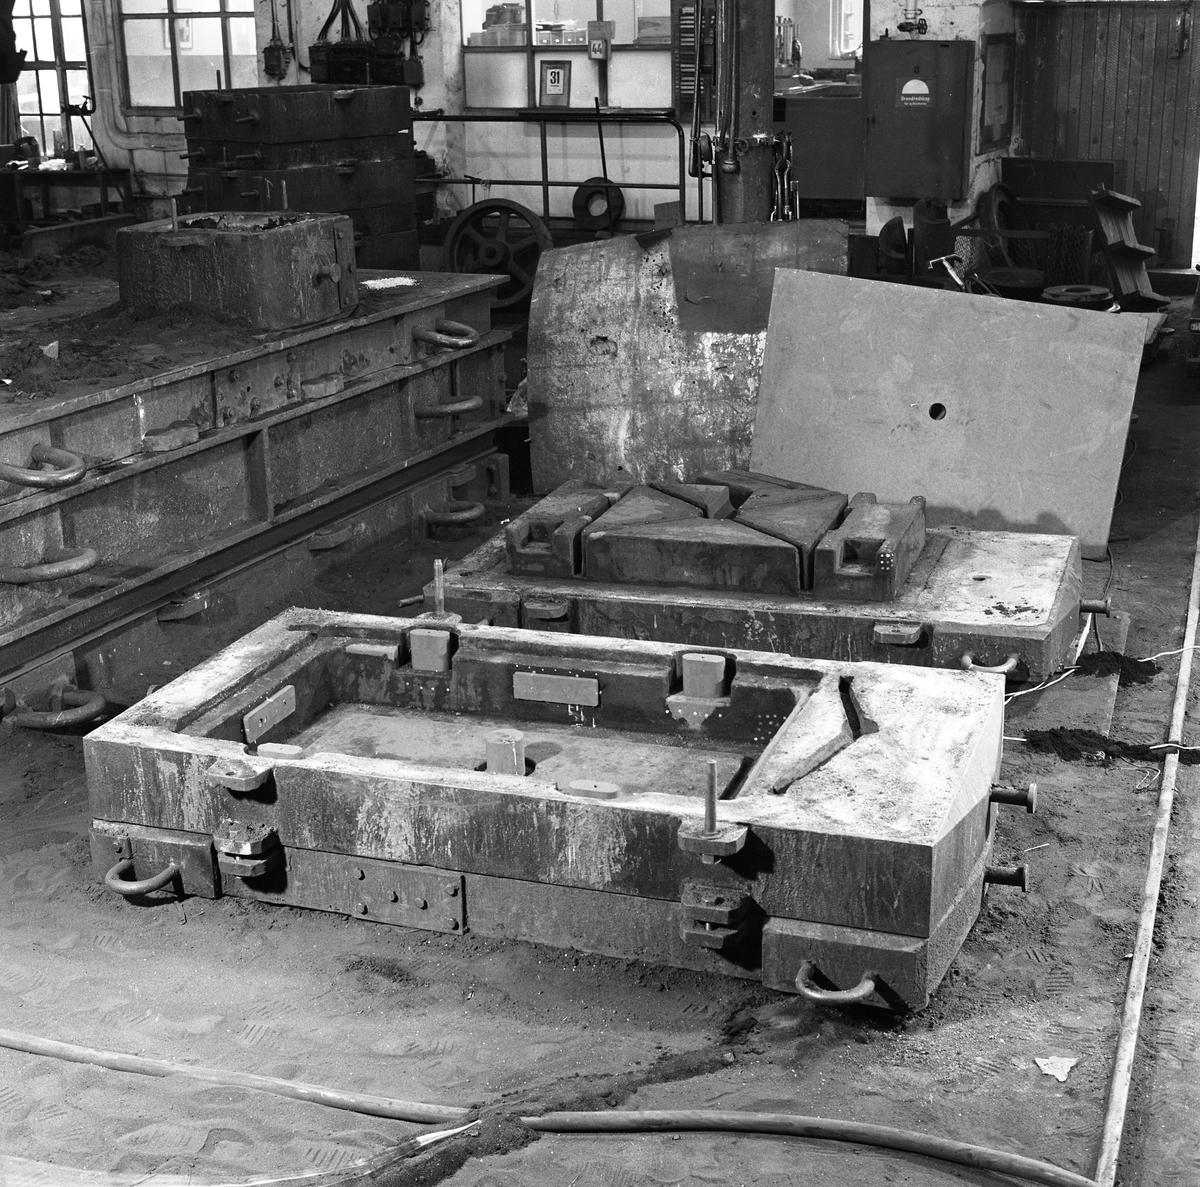 Arboga Mekaniska Verkstad, gjutgods i gjuteriet.  25 september 1856 fick AB Arboga Mekaniska Verkstad rättigheter att anlägga järngjuteri och mekanisk verkstad. Verksamheten startade 1858. Meken var först i landet med att installera en elektrisk motor för drift av verktygsmaskiner vid en taktransmission (1887).  Gjuteriet lades ner 1967. Den mekaniska verkstaden lades ner på 1980-talet.